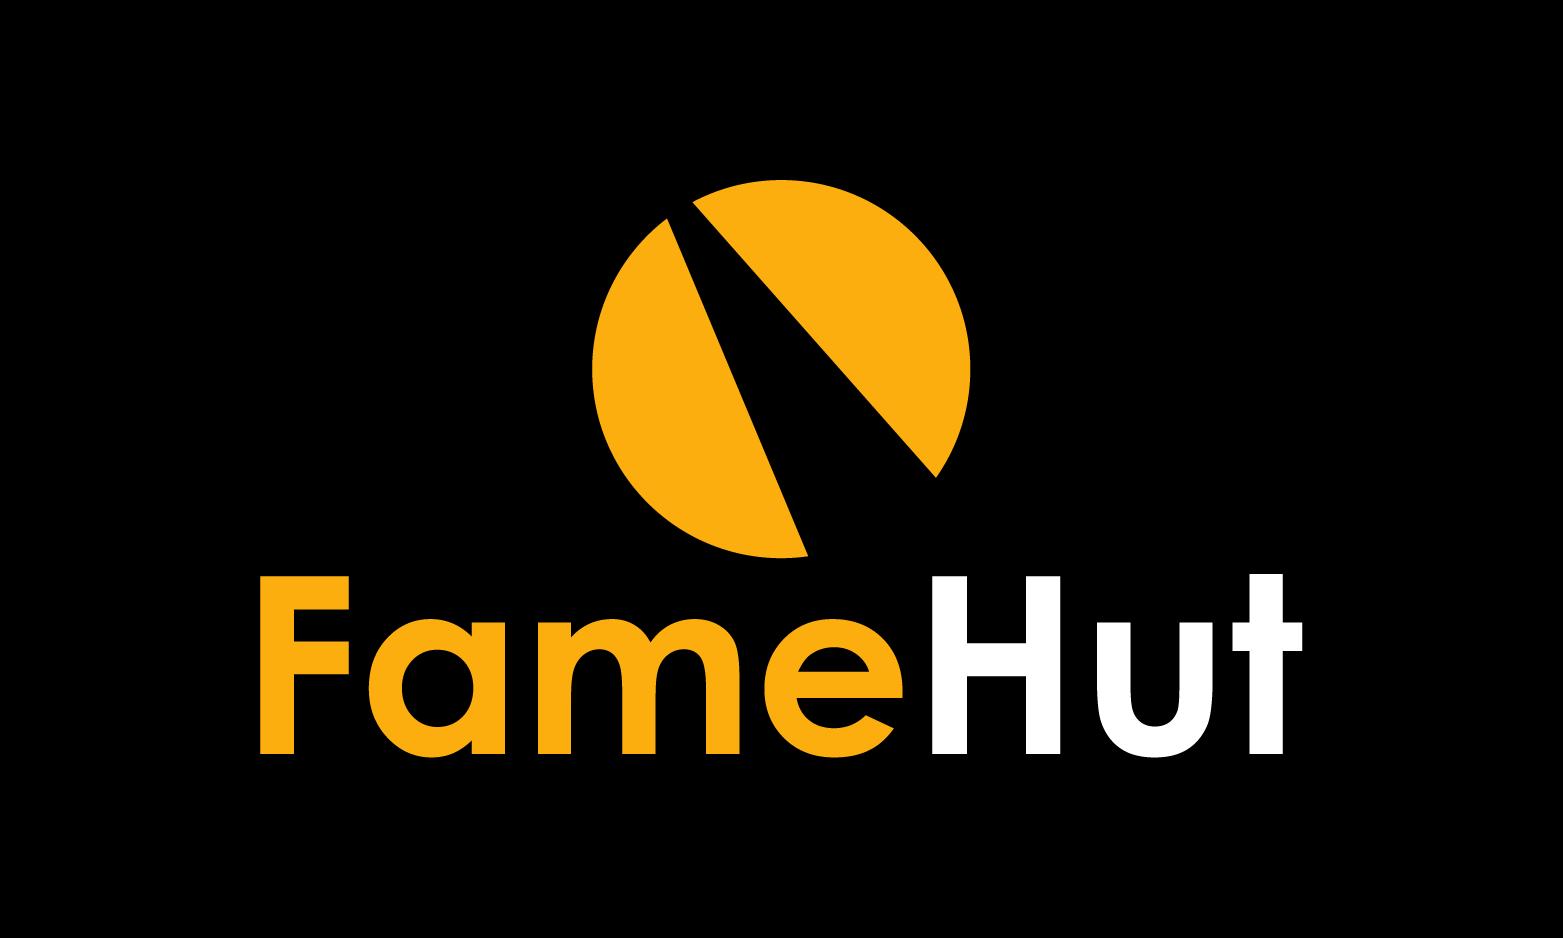 FameHut.com